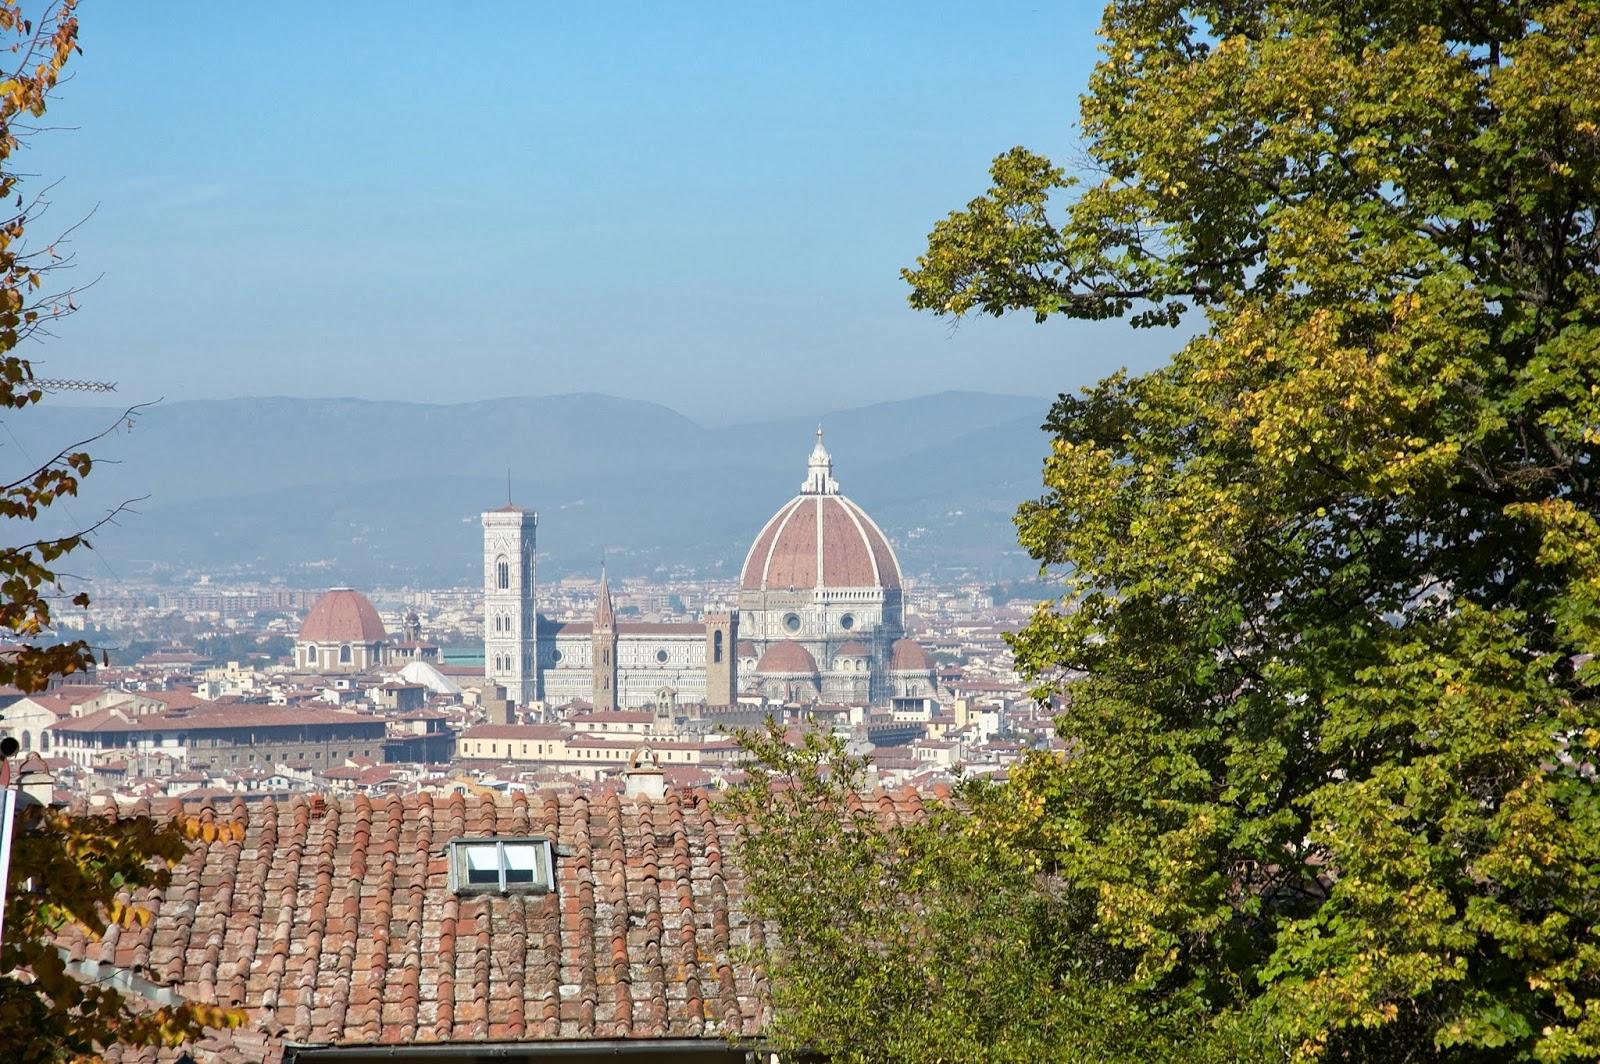 widok na miasto Florencję punkt widokowy